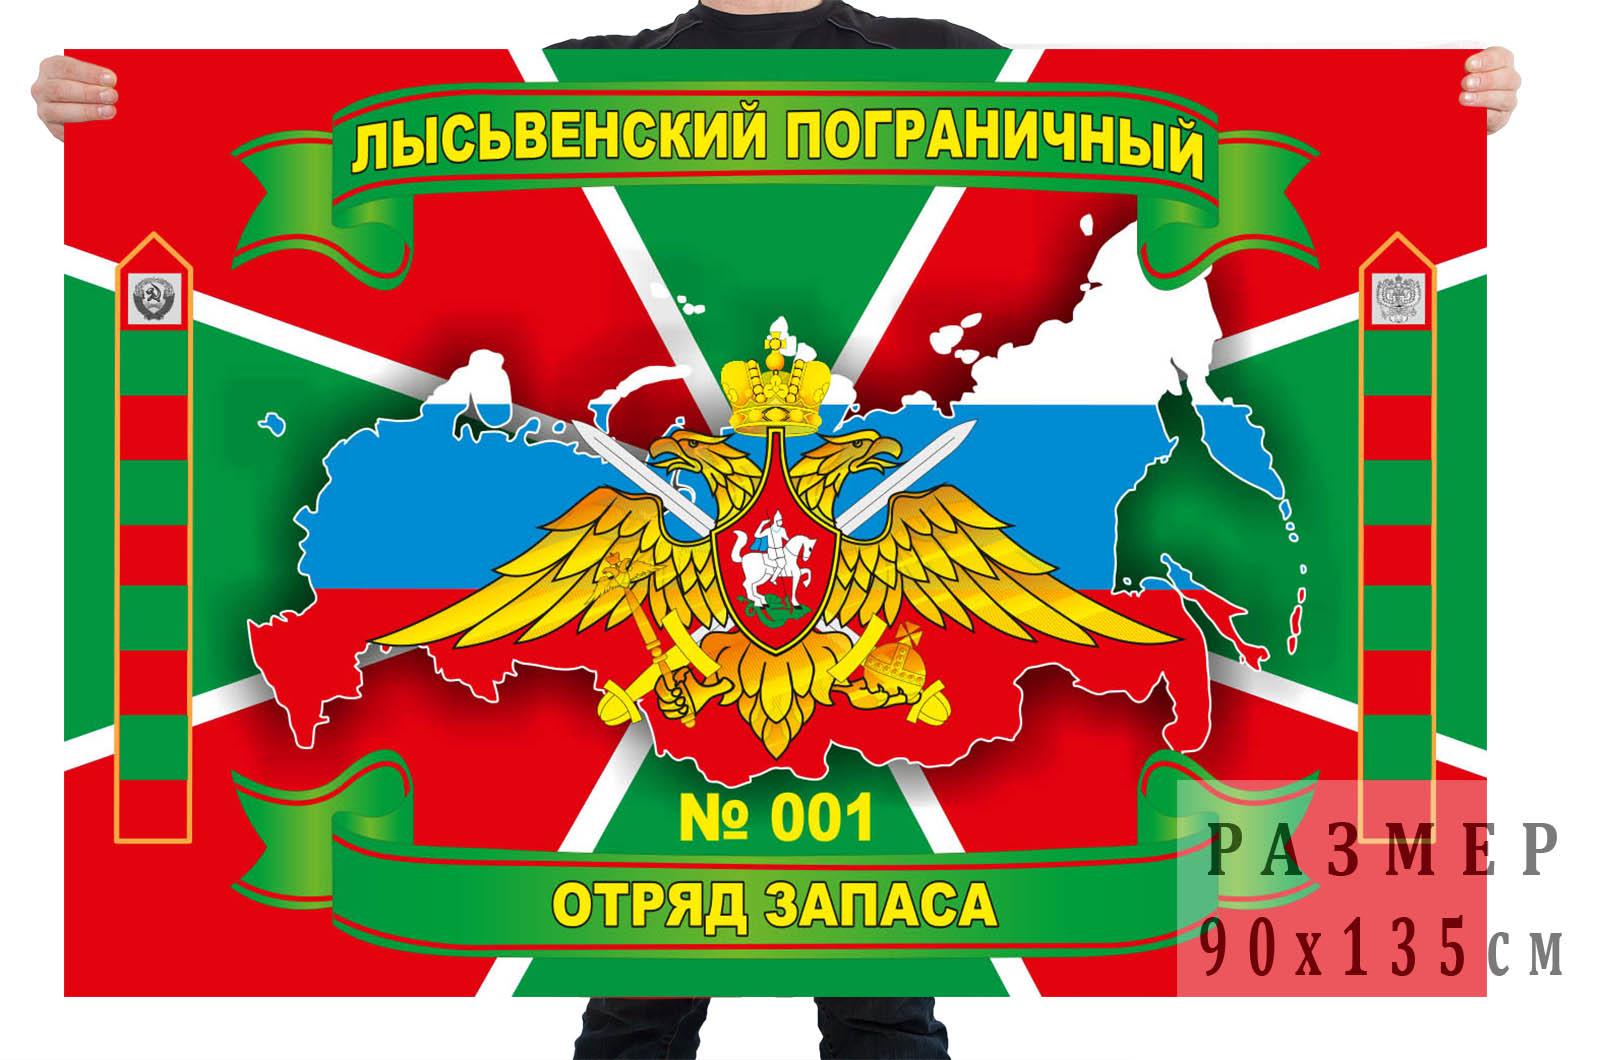 Флаг Лысьвенского пограничного отряда запаса